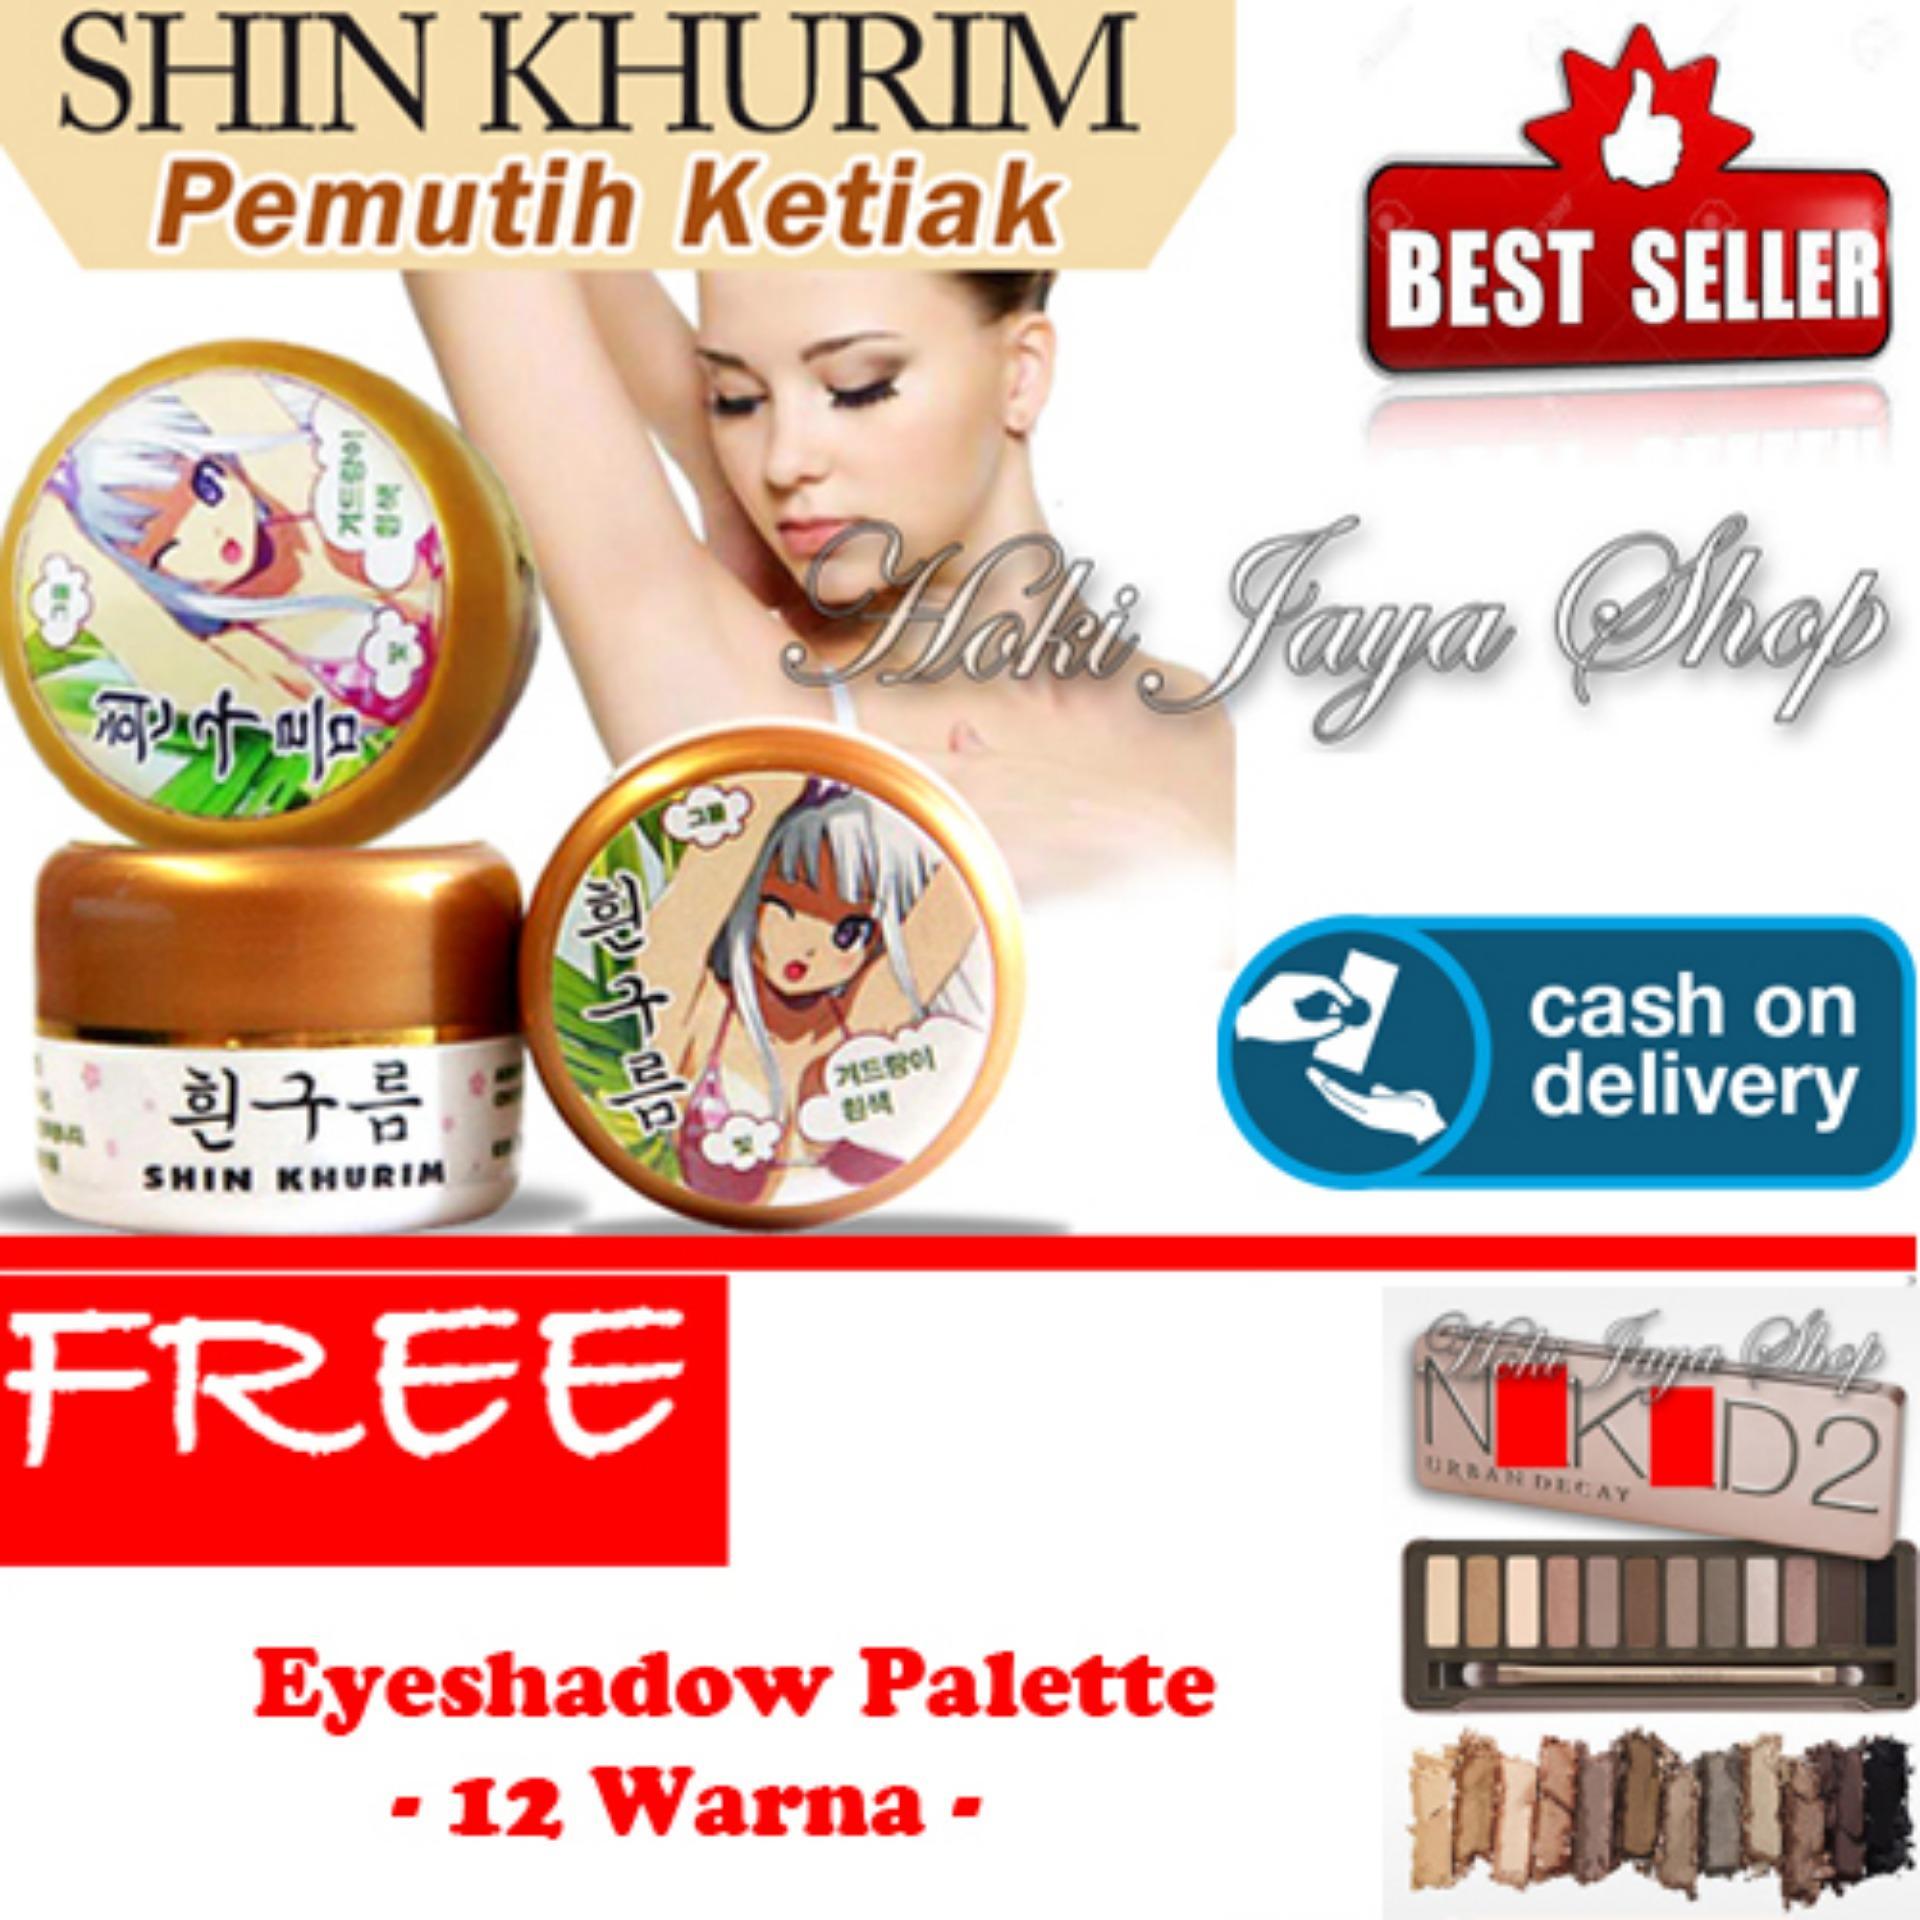 HOKI COD Shin Khurim Pemutih Ketiak dan Selangkangan Premium 1 Pcs Gratis Eyeshadow